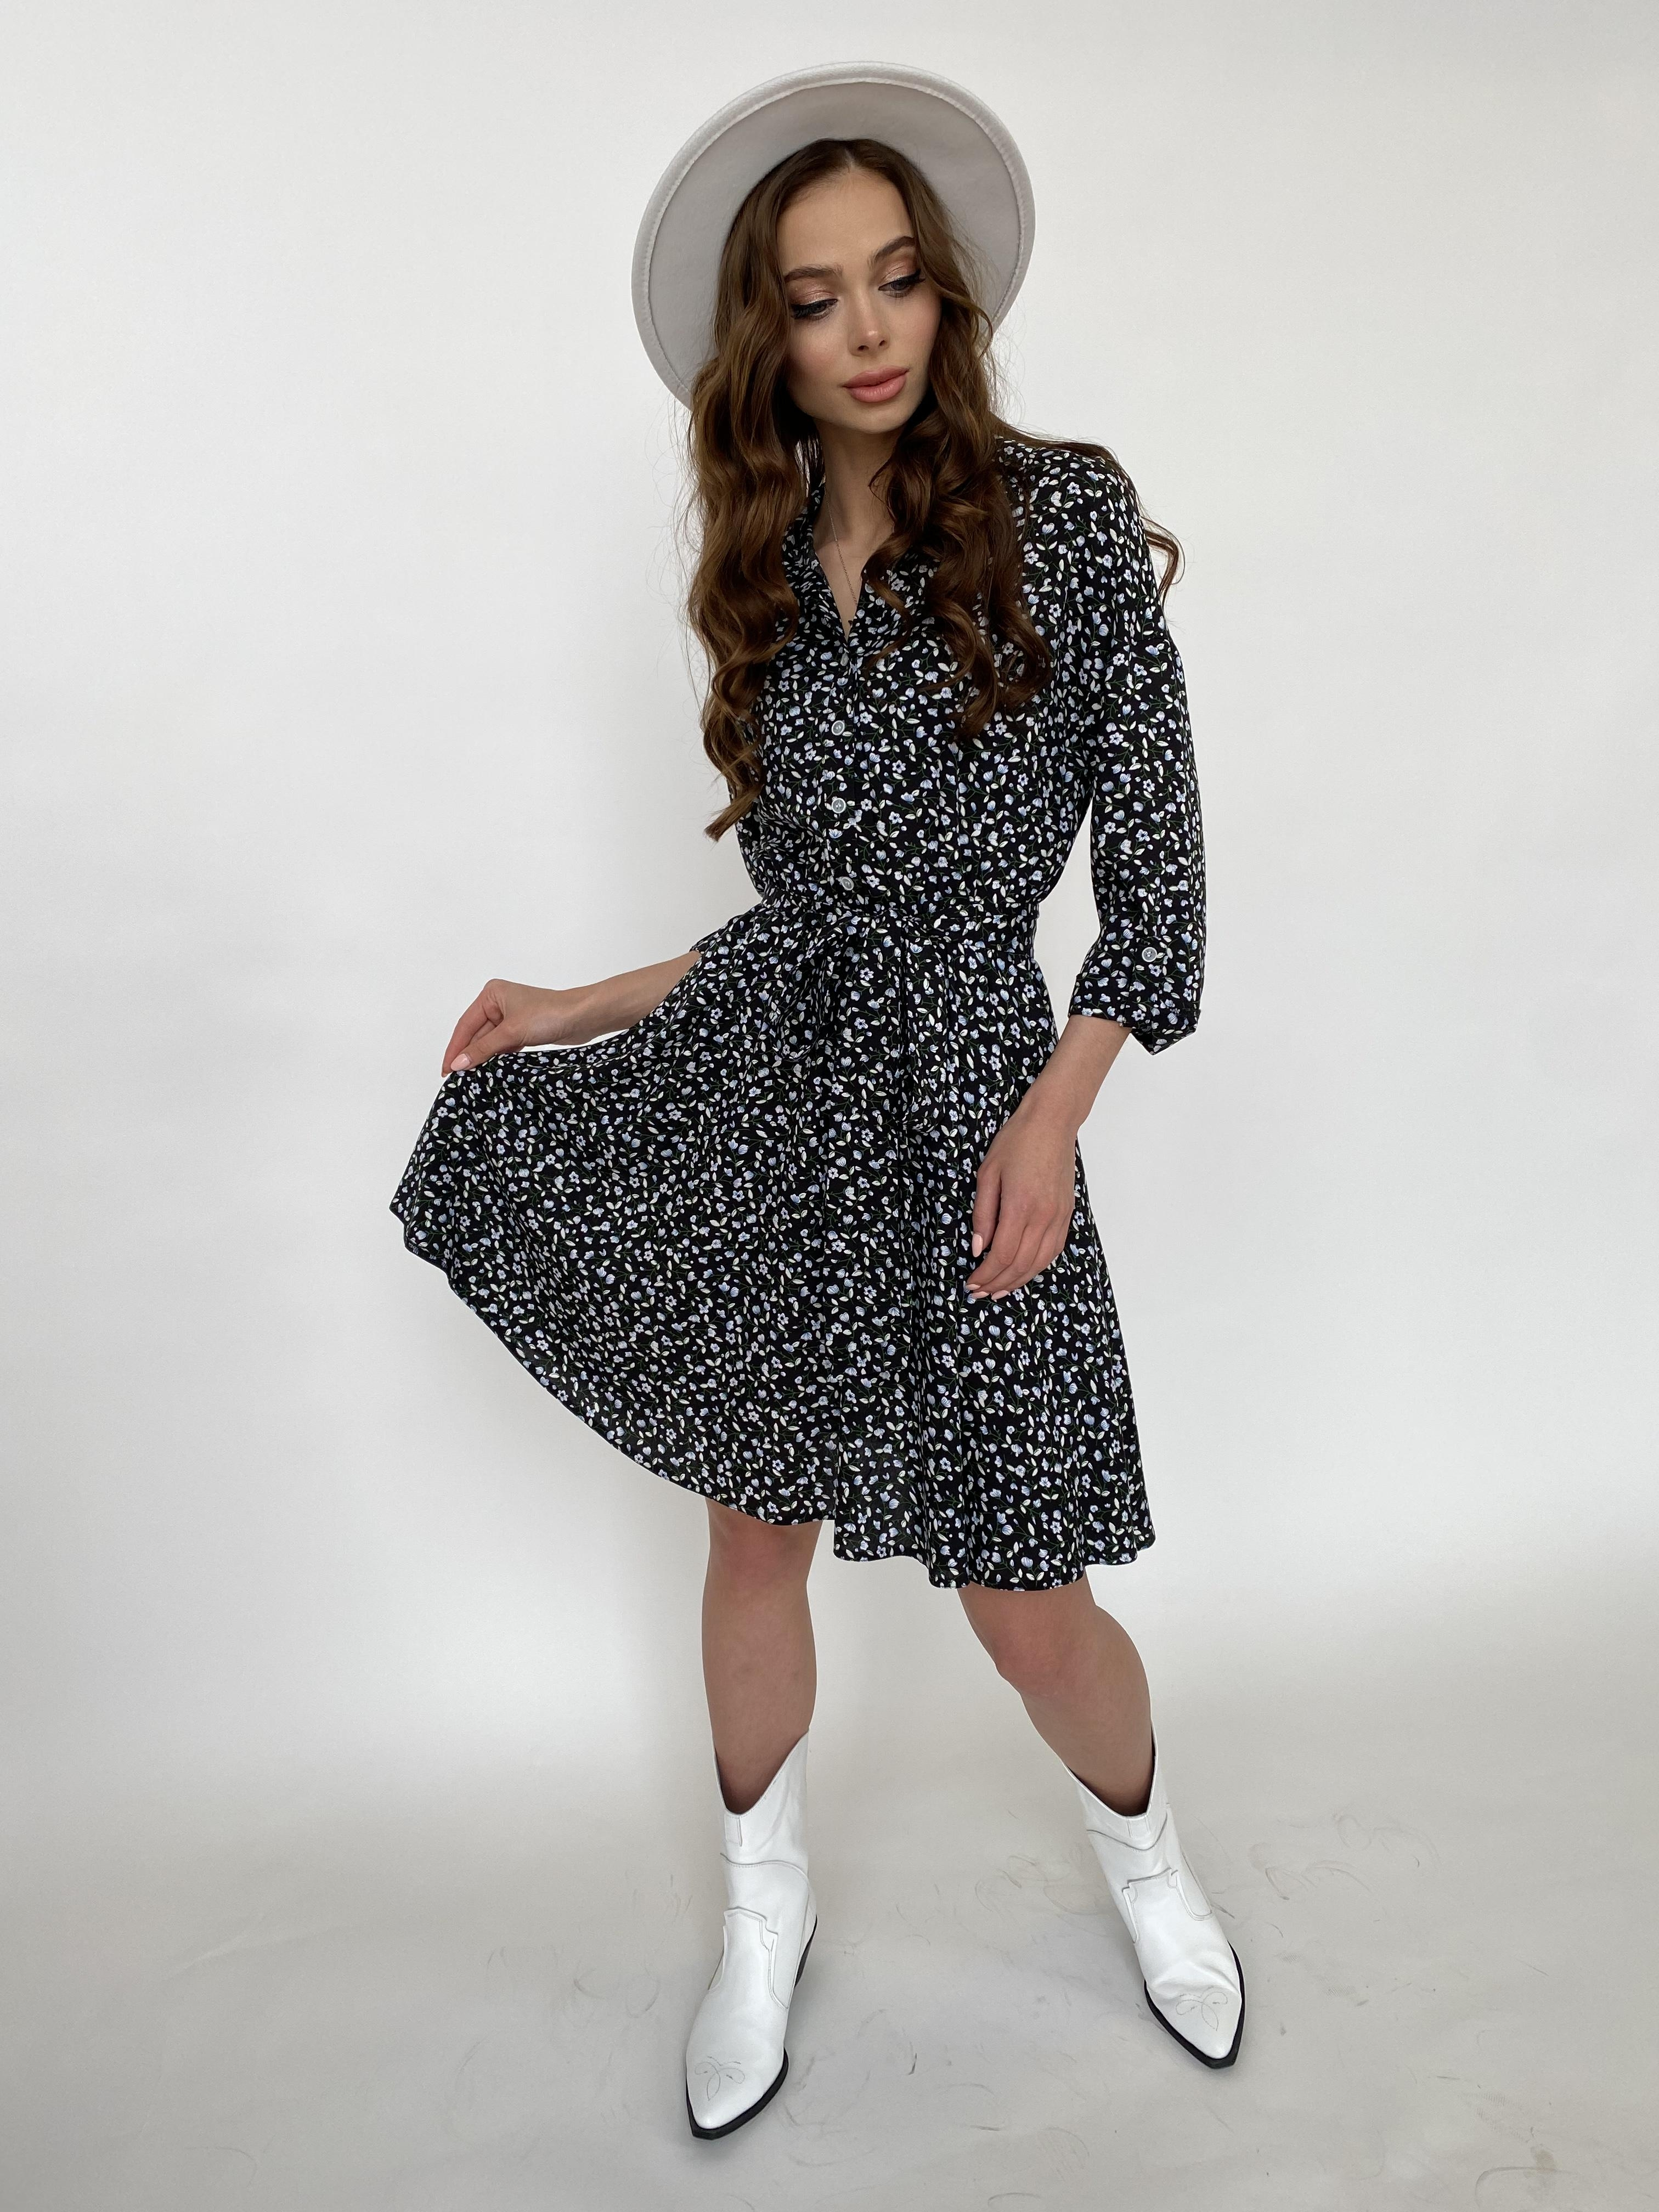 Санжар платье штапель принт 10940 АРТ. 47421 Цвет: Цветы мел черн/бел/гол - фото 5, интернет магазин tm-modus.ru